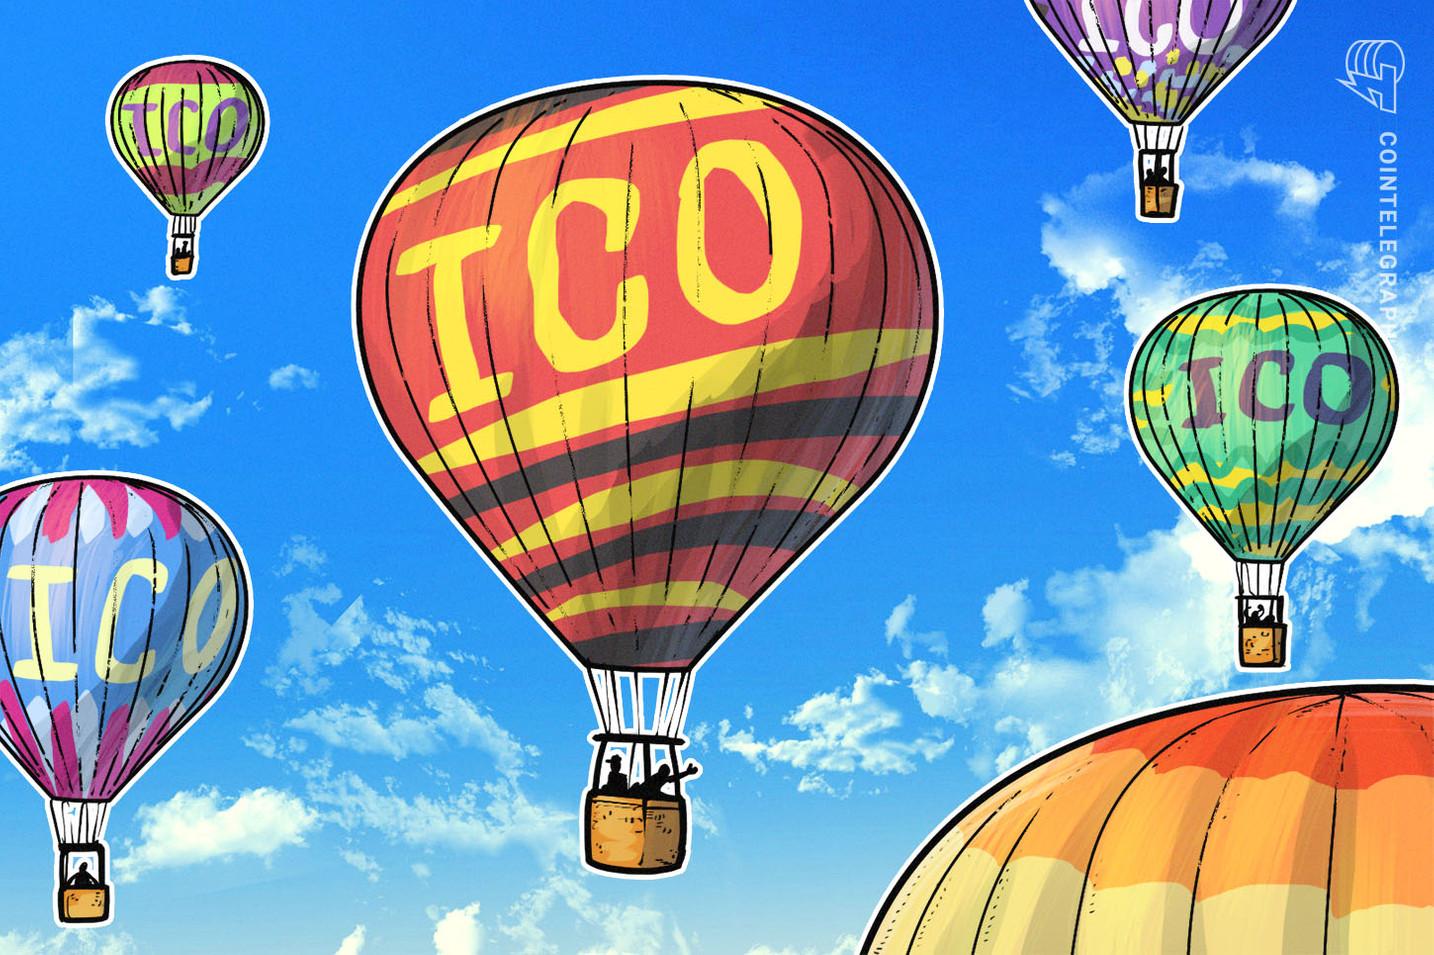 ICOを巡る「コンプライアンスのトリレンマ」、ICOのポテンシャルに大きな制約=カナダの大学が調査